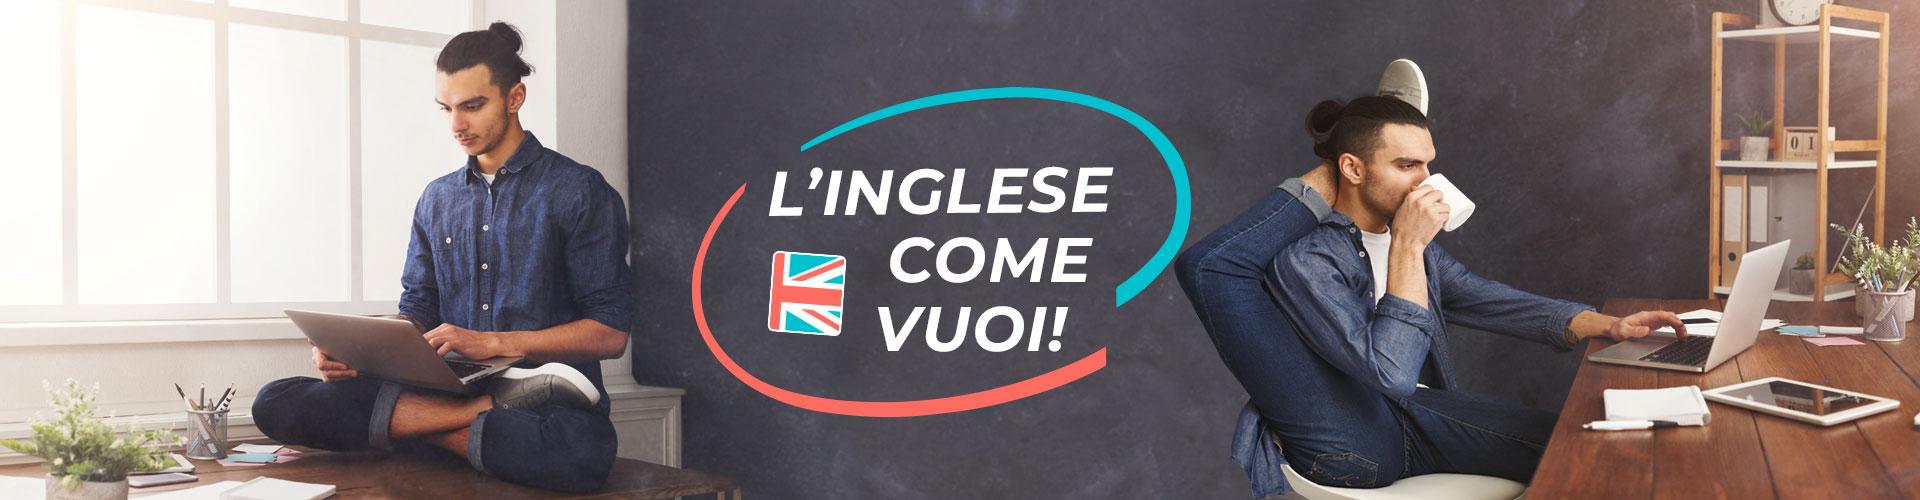 Corsi di inglese come vuoi